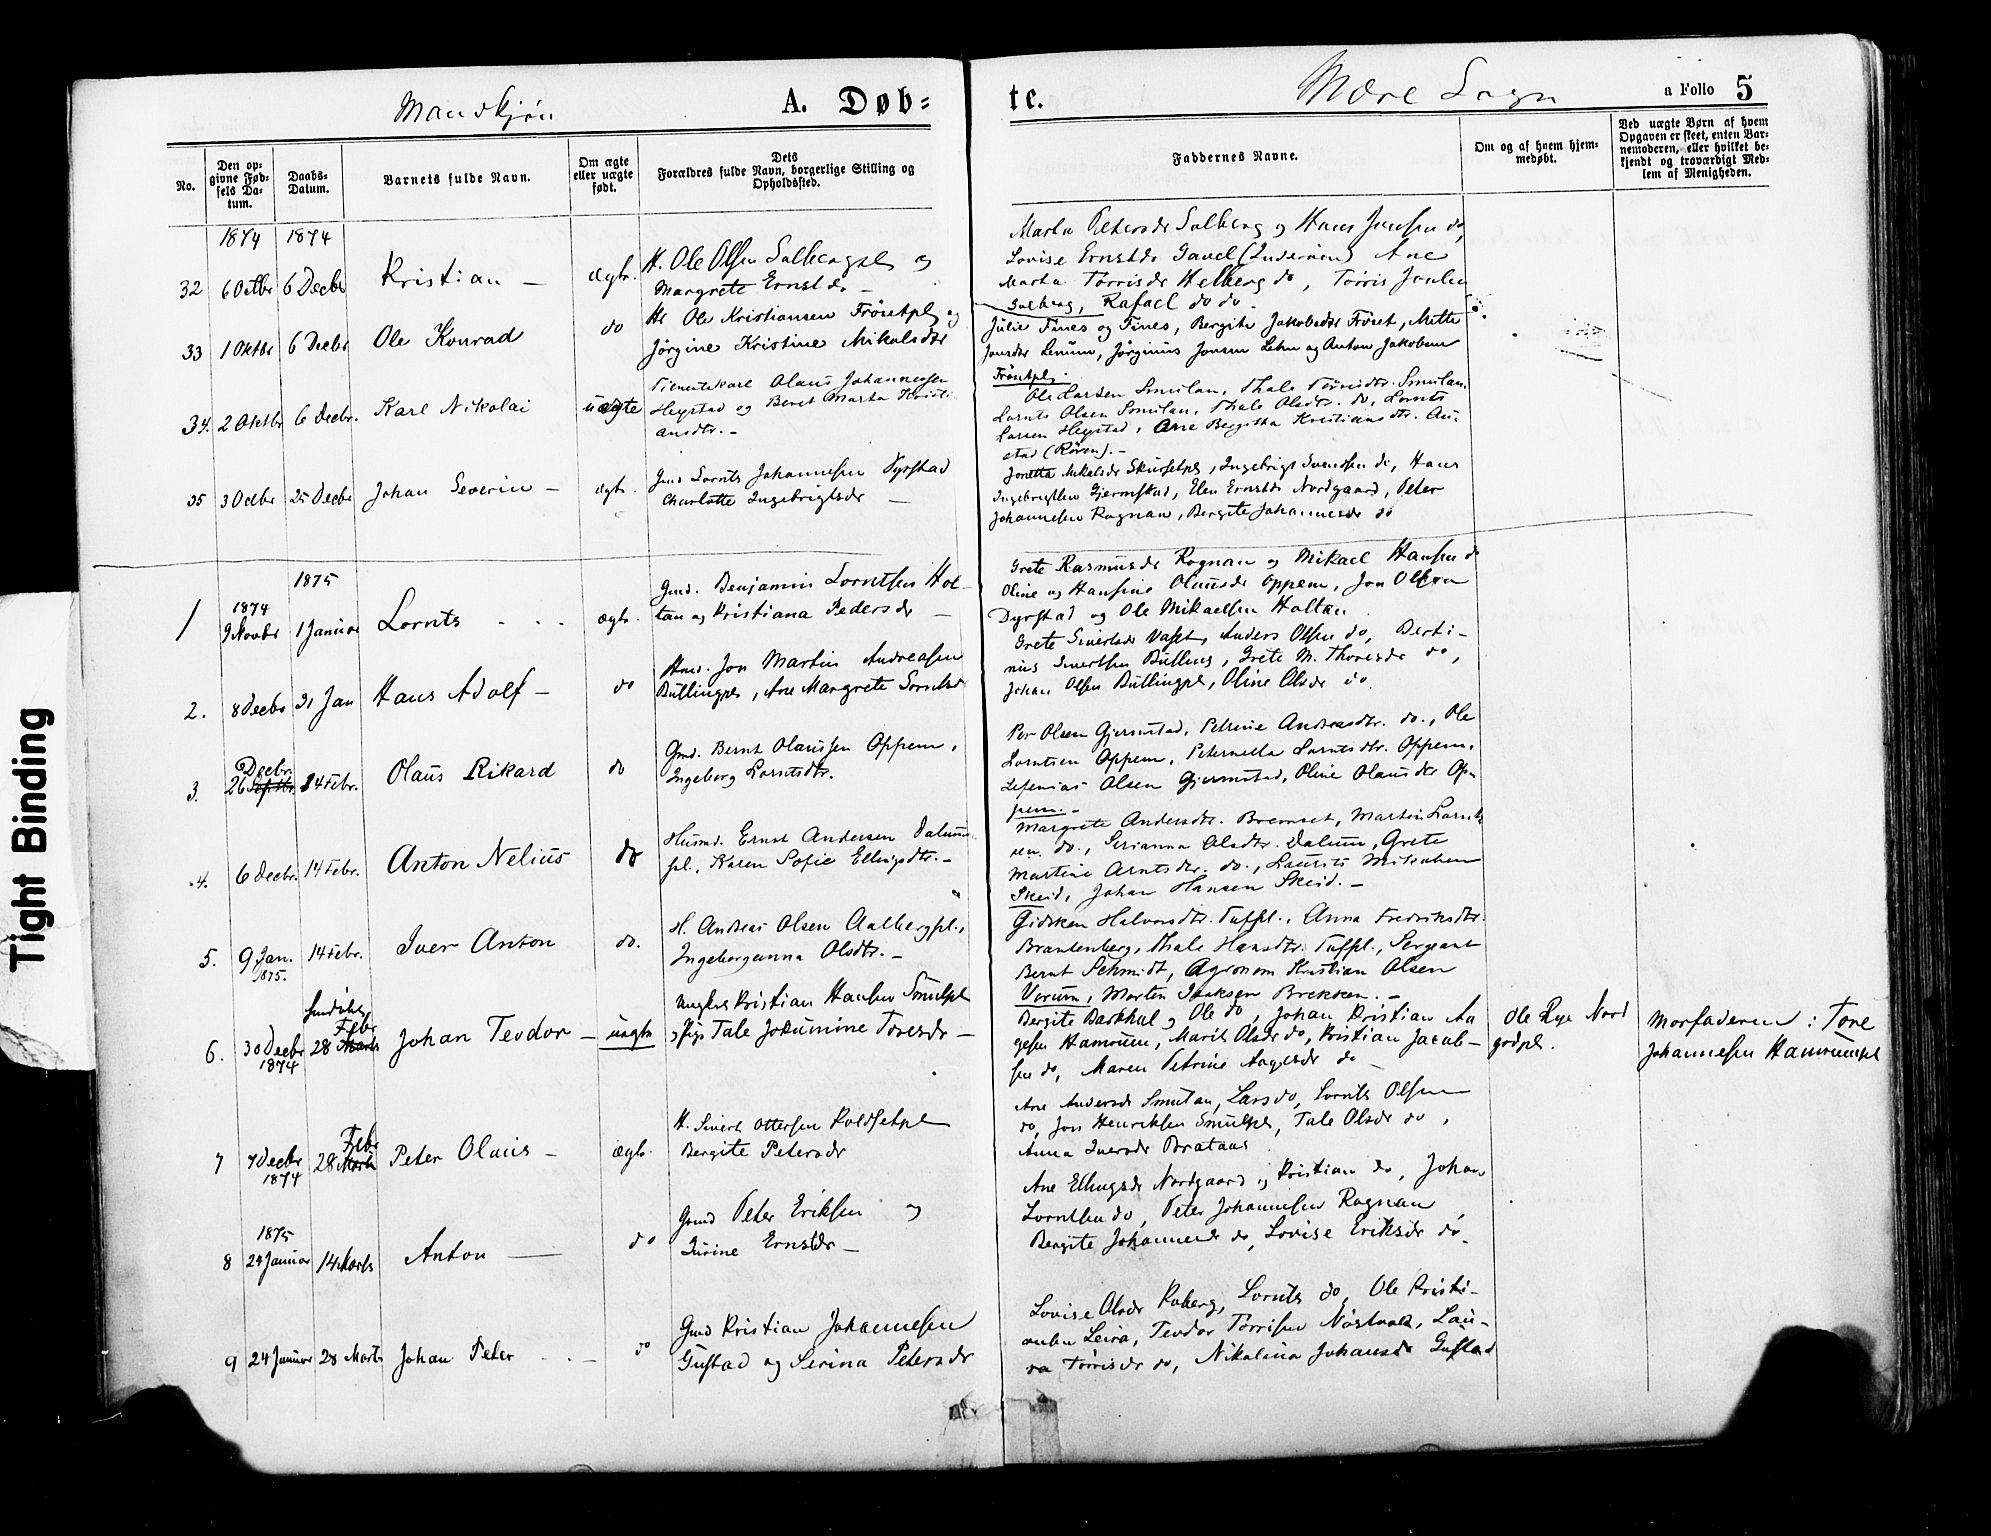 SAT, Ministerialprotokoller, klokkerbøker og fødselsregistre - Nord-Trøndelag, 735/L0348: Ministerialbok nr. 735A09 /1, 1873-1883, s. 5